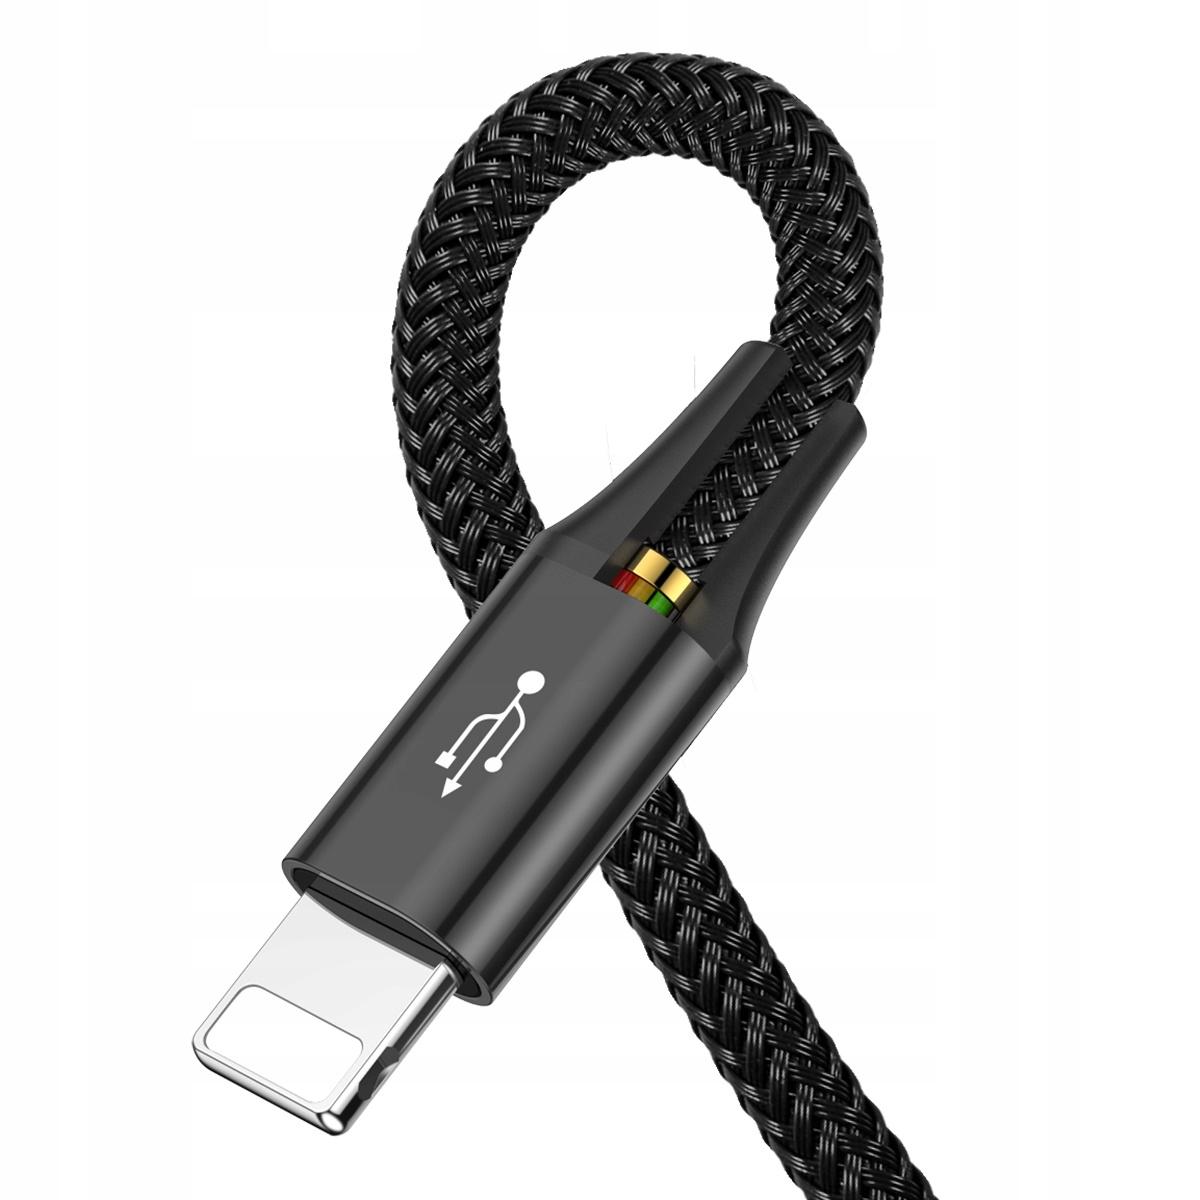 Купить USB-кабель Baseus 4in1 - 2x Lightning Micro Type-C на Otpravka - цены и фото - доставка из Польши и стран Европы в Украину.